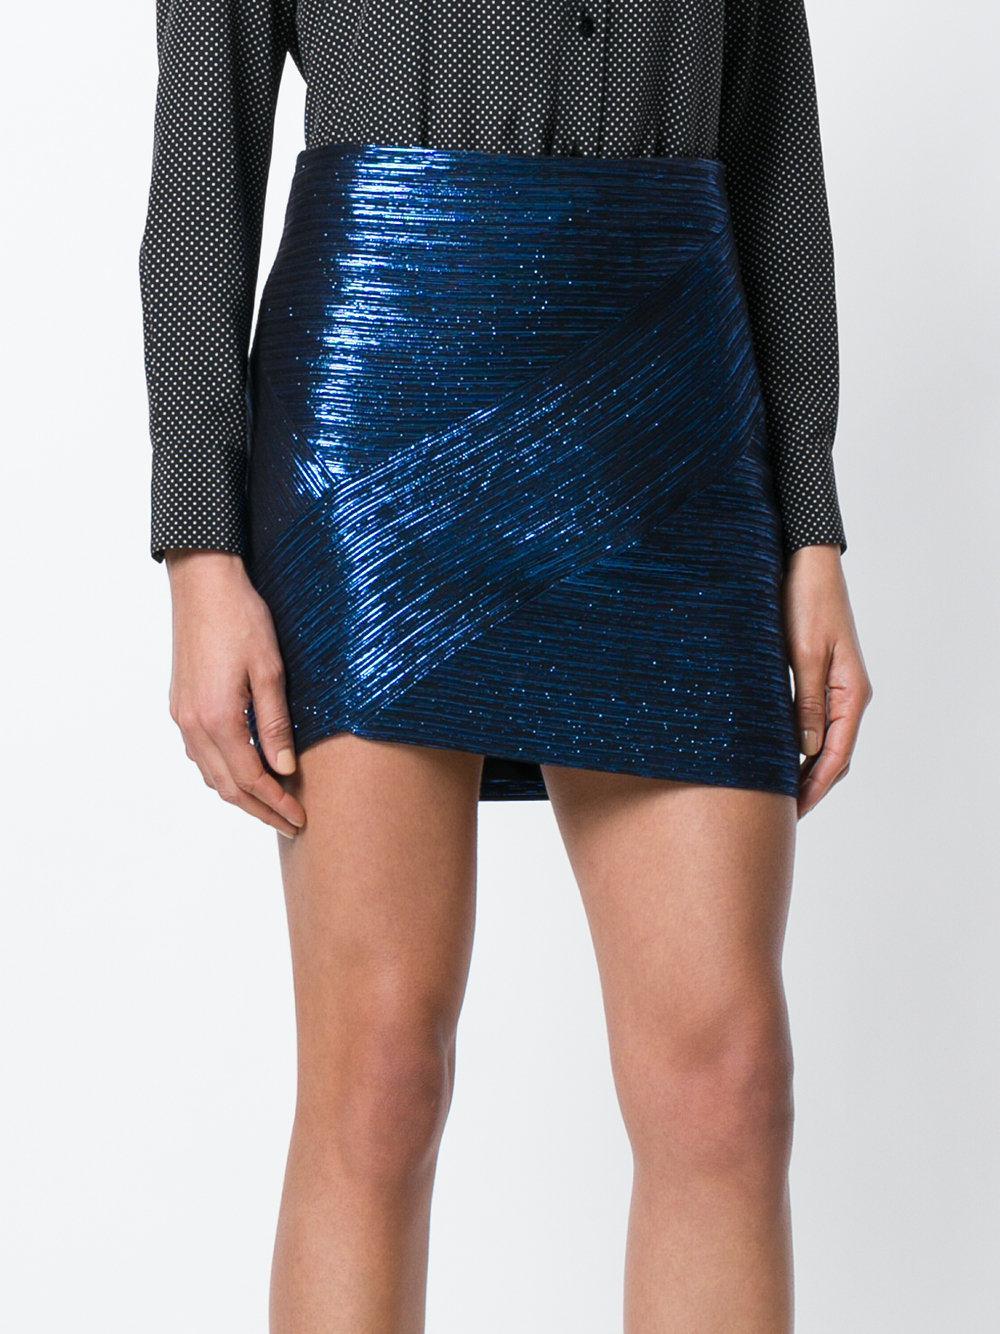 Minifalda entallada Iro Minifalda azul Minifalda Minifalda entallada Iro azul azul entallada Iro rTqxwr1A